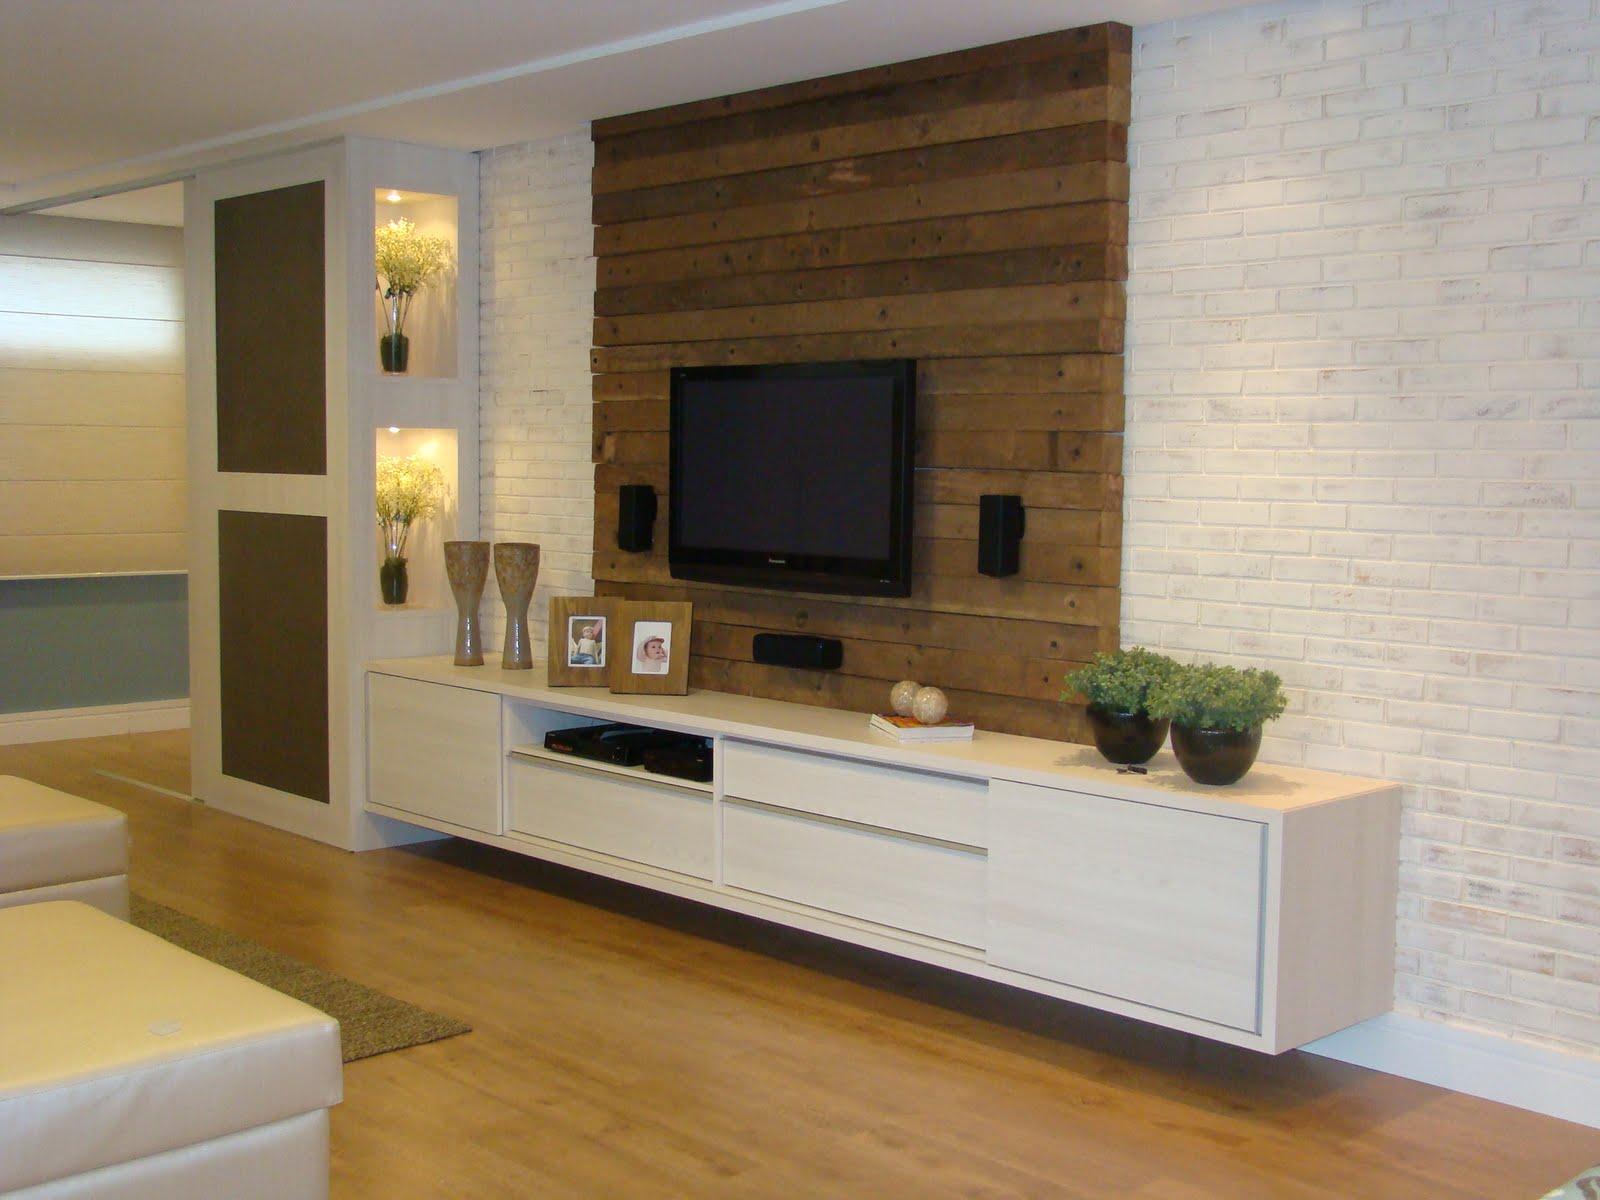 Rustico e Moderno Criam Ambientes Sofisticados Thamar Freire  #664826 1600 1200